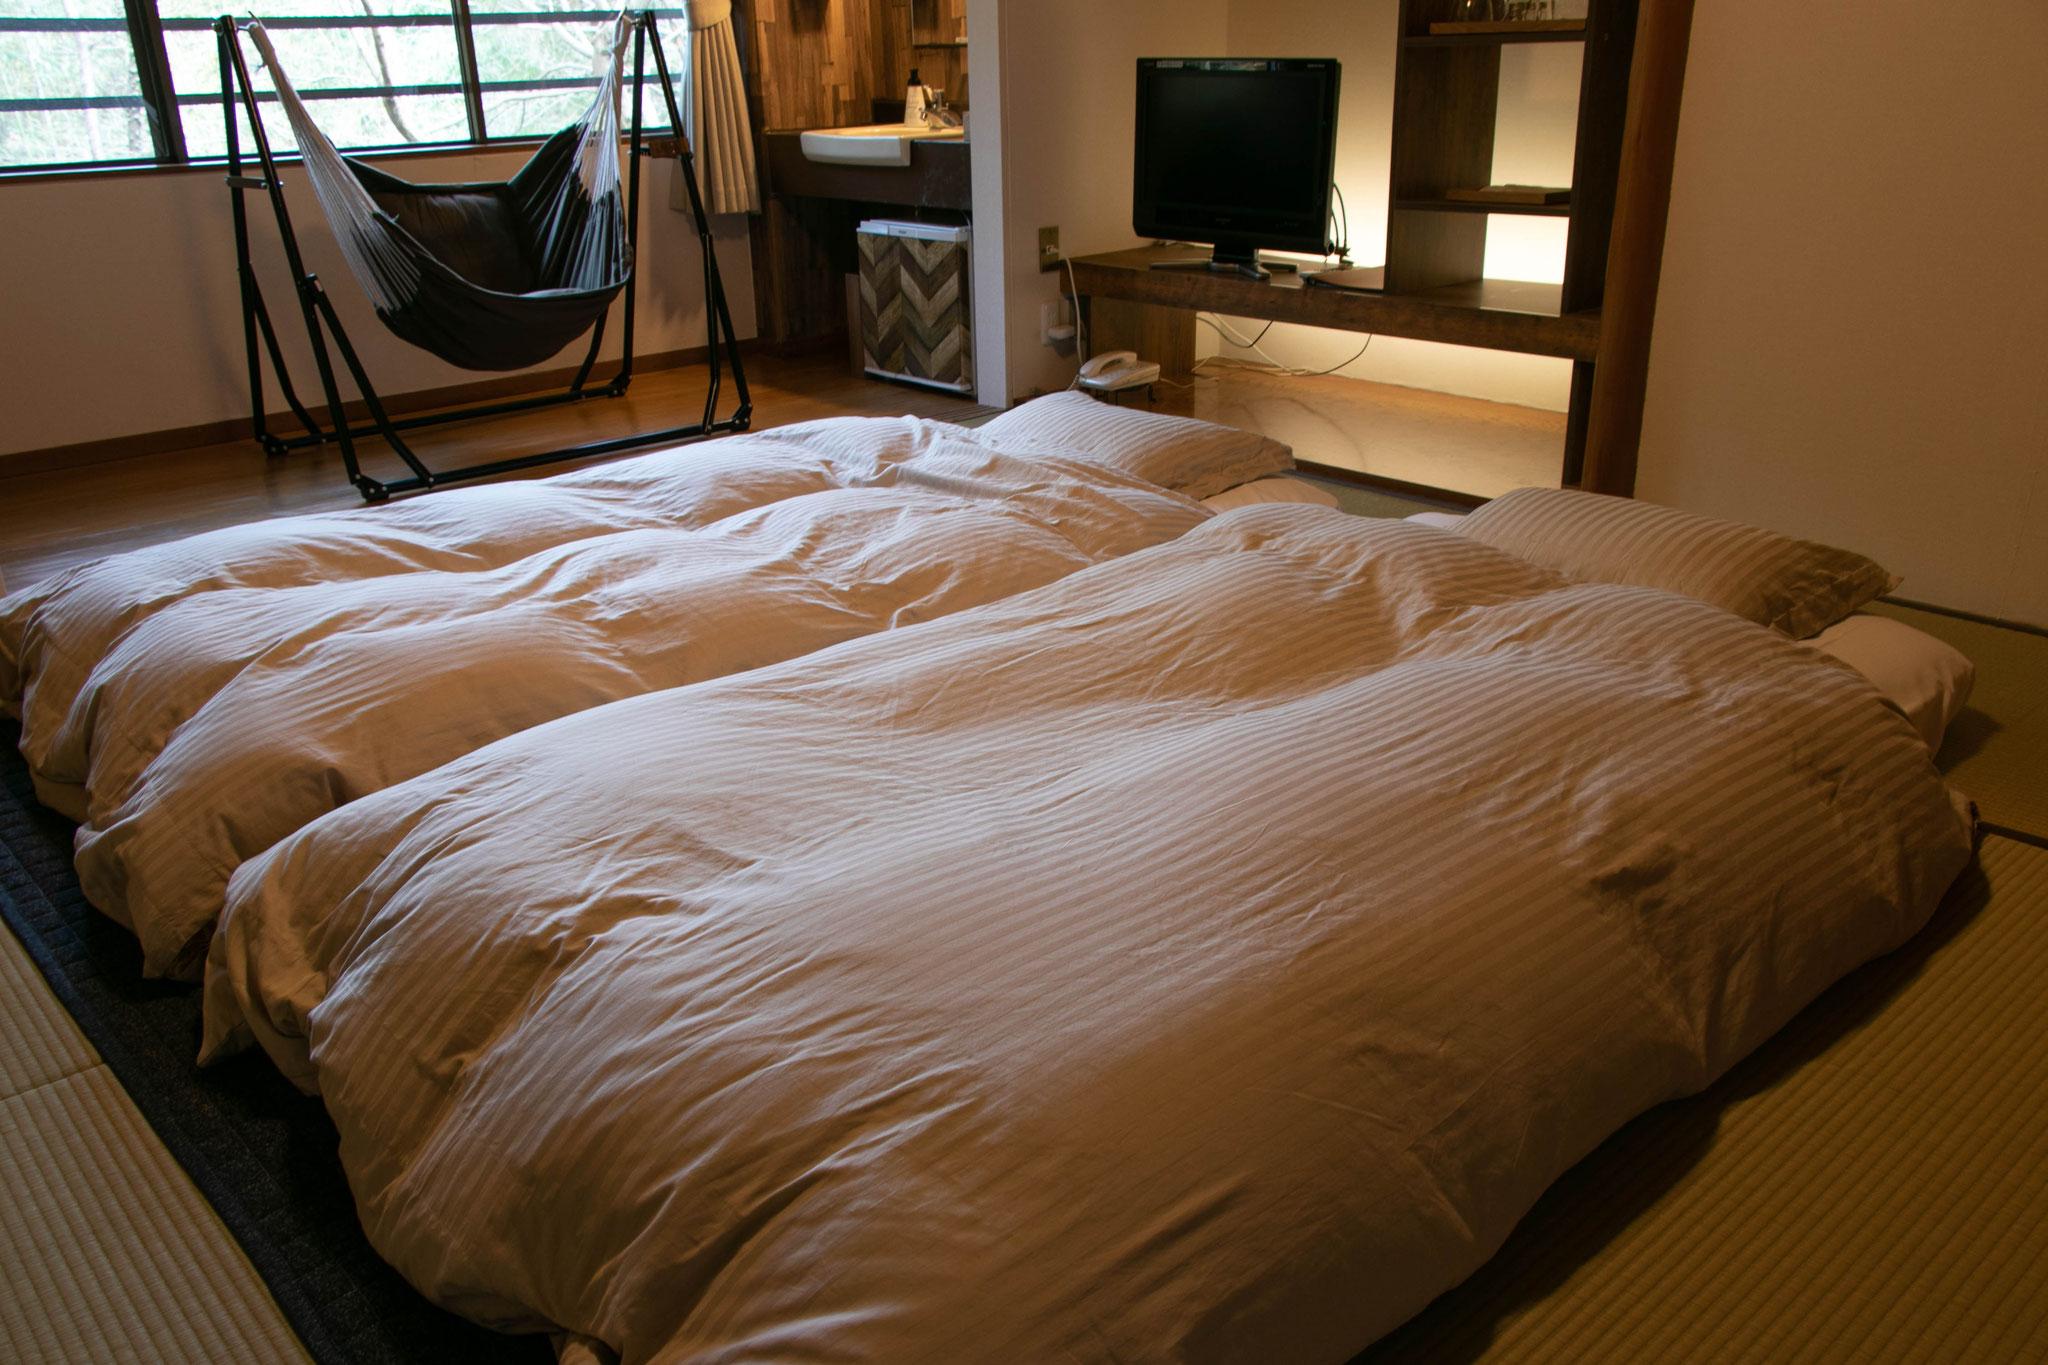 コンセプトルームのみのお布団セットです☆ マットレス並みの極厚敷布団♪ ふんわり柔らかで軽い羽毛掛布団♫ 枕は少し低めで疲れません!